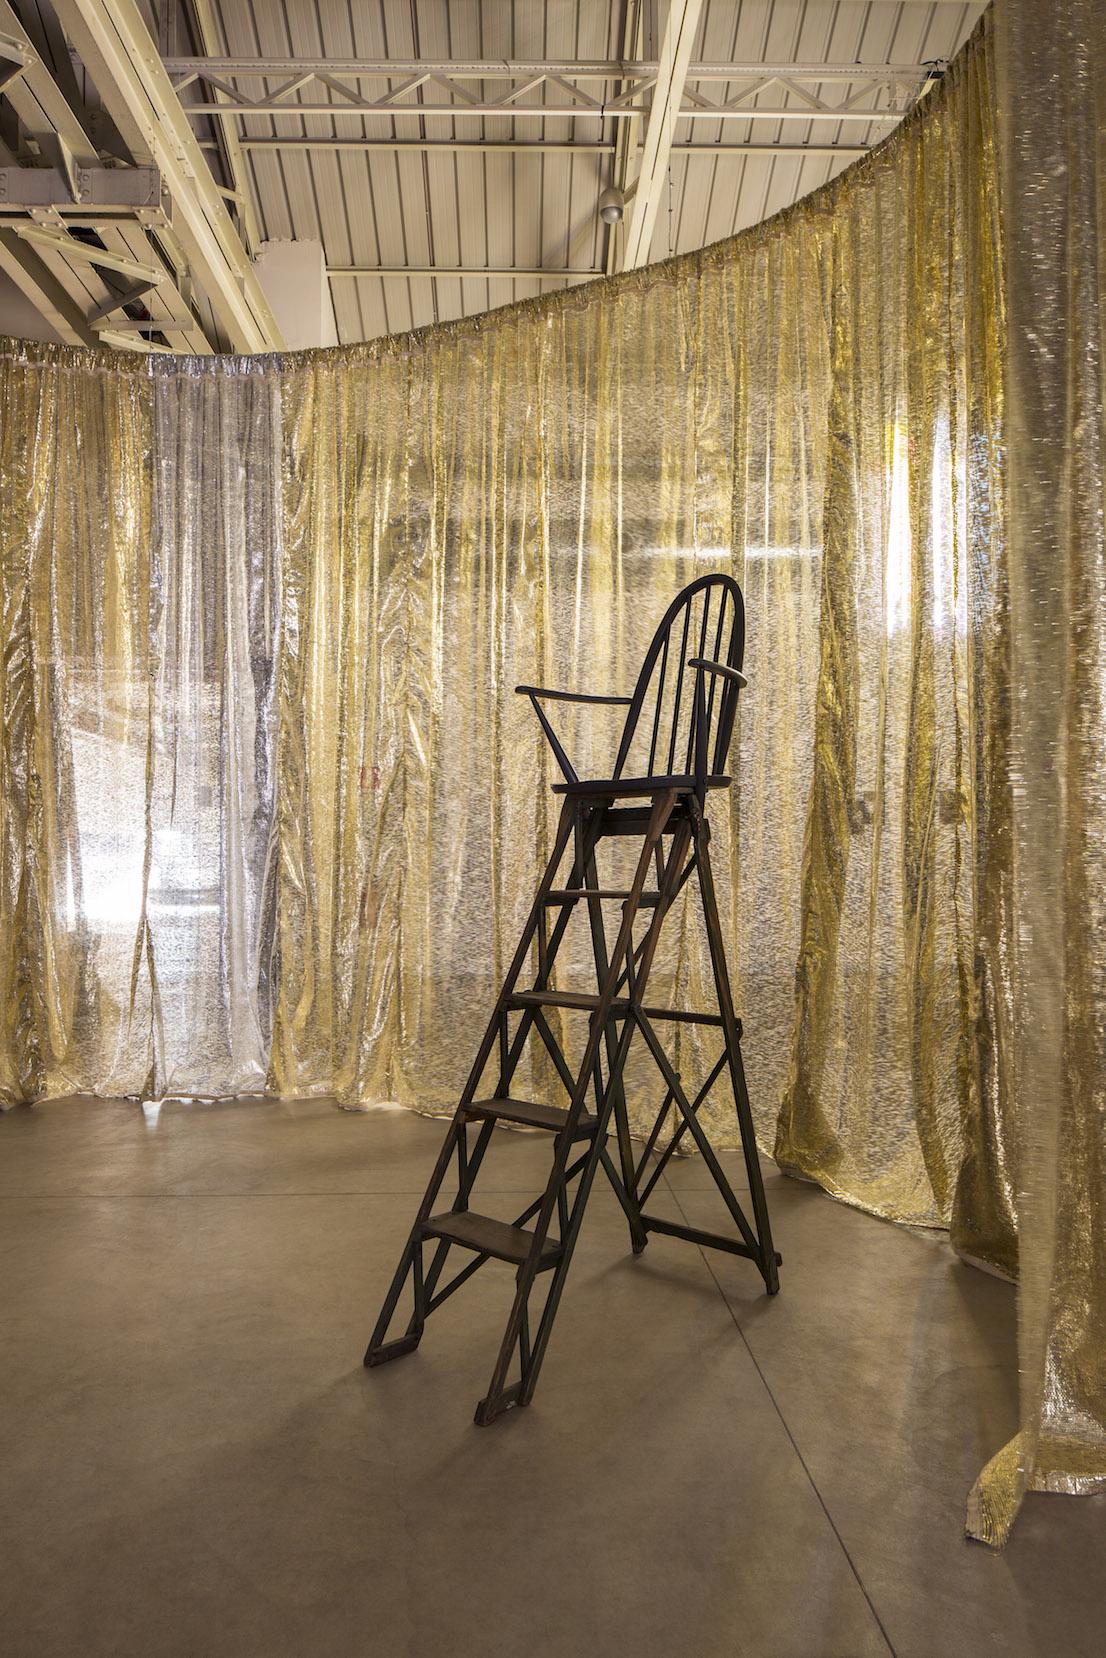 Celine Condorelli, Structure for Reading, 2012. Courtesy: l'artista, Fondazione HangarBicocca, Milano Foto Agostino Osio.